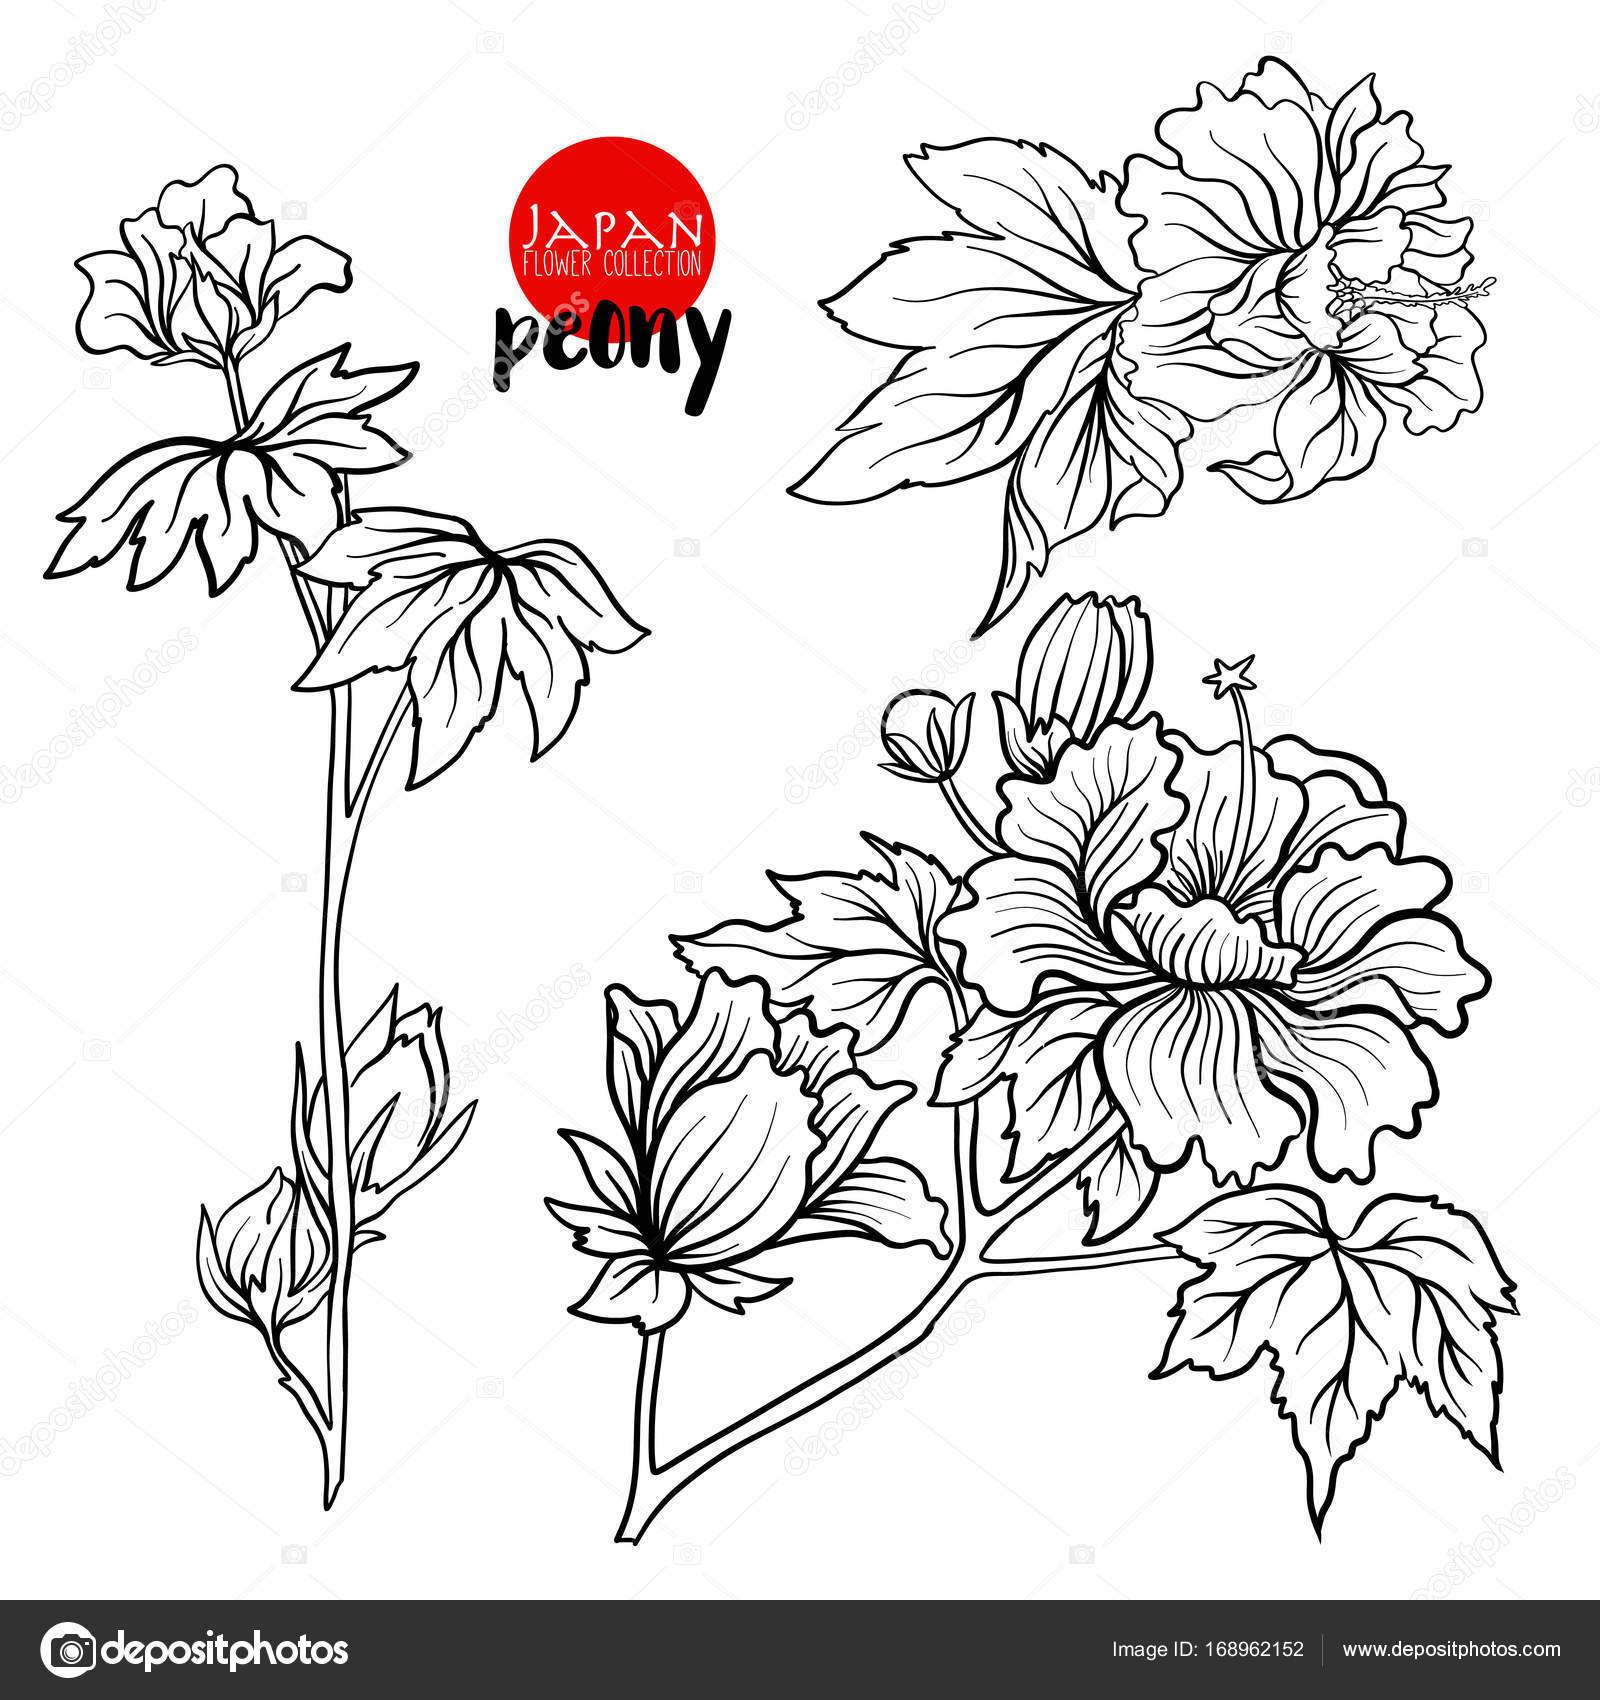 pfingstrose zeichnen blumen zeichnung, pfingstrose blumen. lager linie vektor illustration botanische, Design ideen